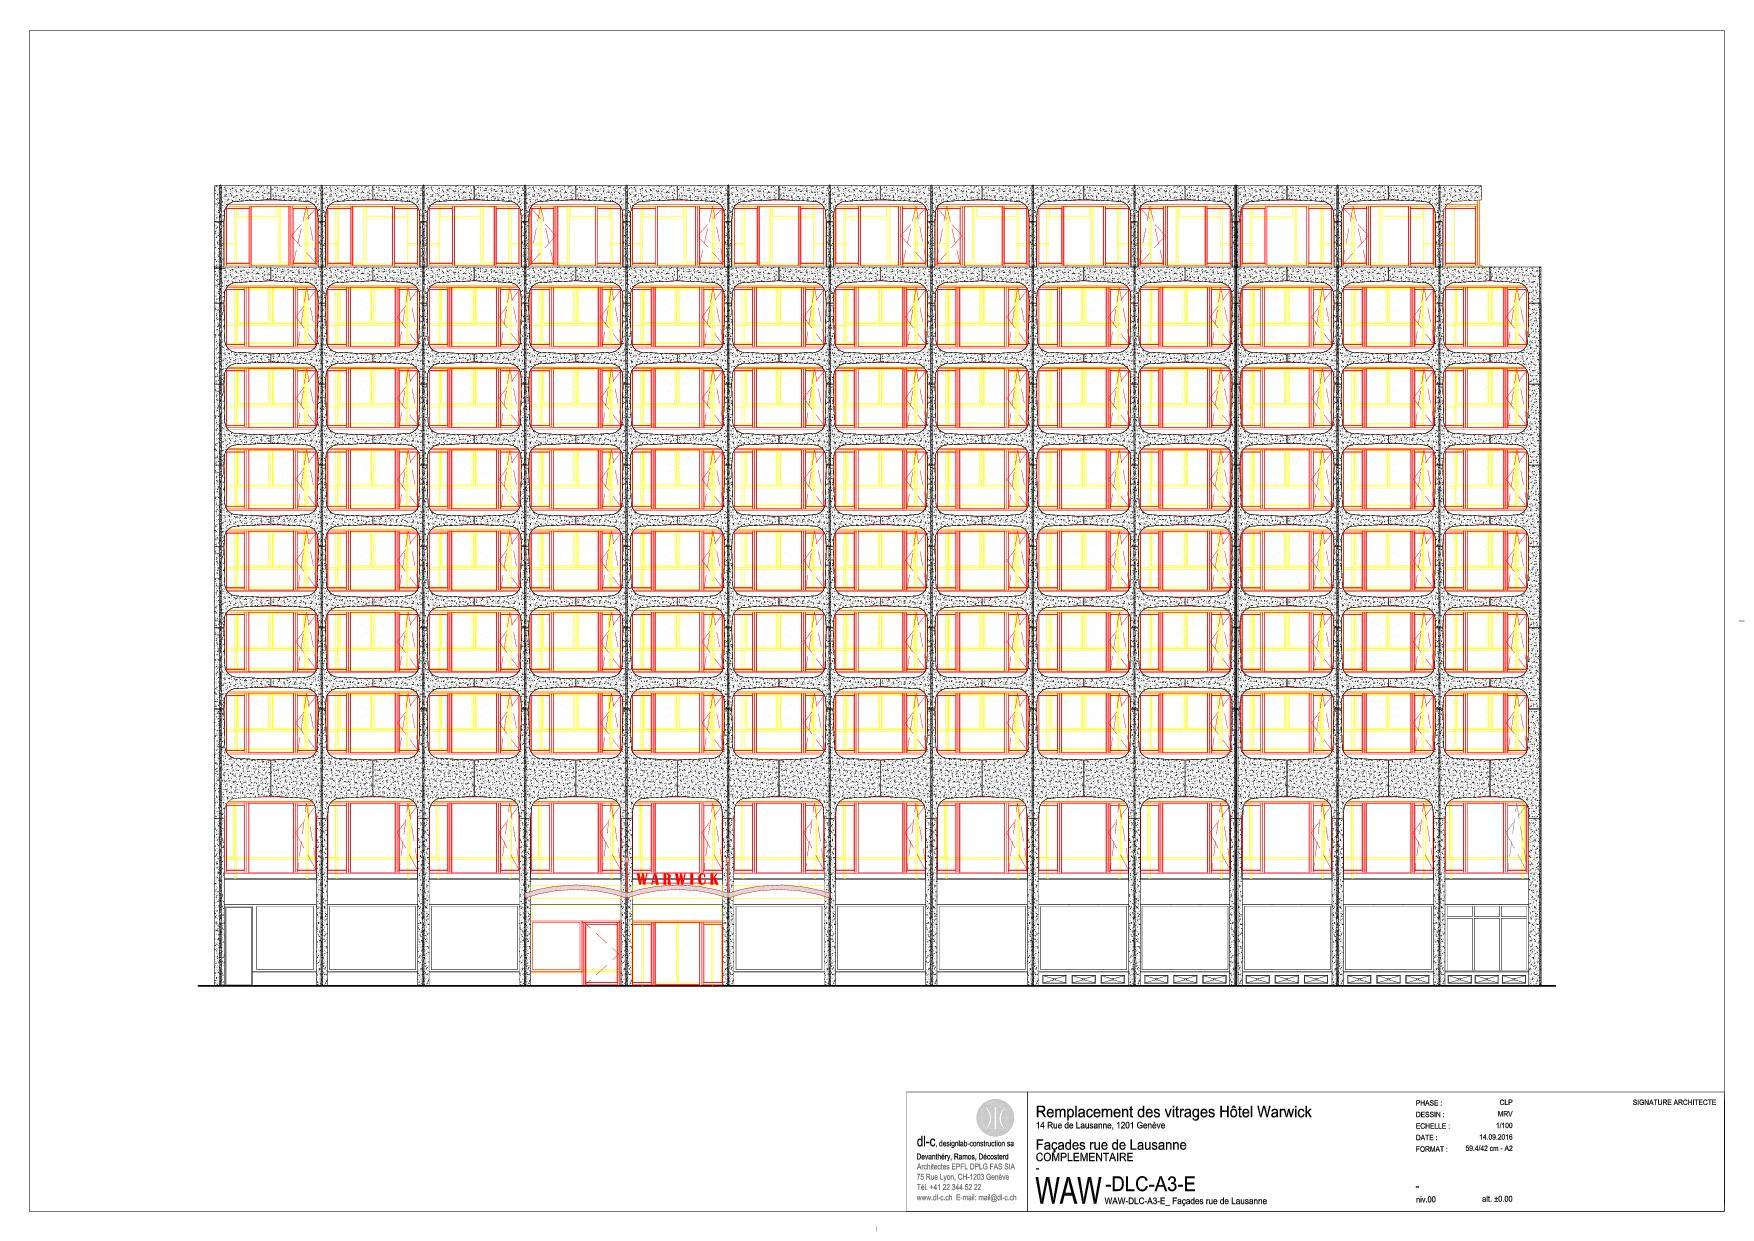 Fassade Rue de Lausanne Fassadenrenovierung Hotel Warwick  von dl-c, designlab-construction sa